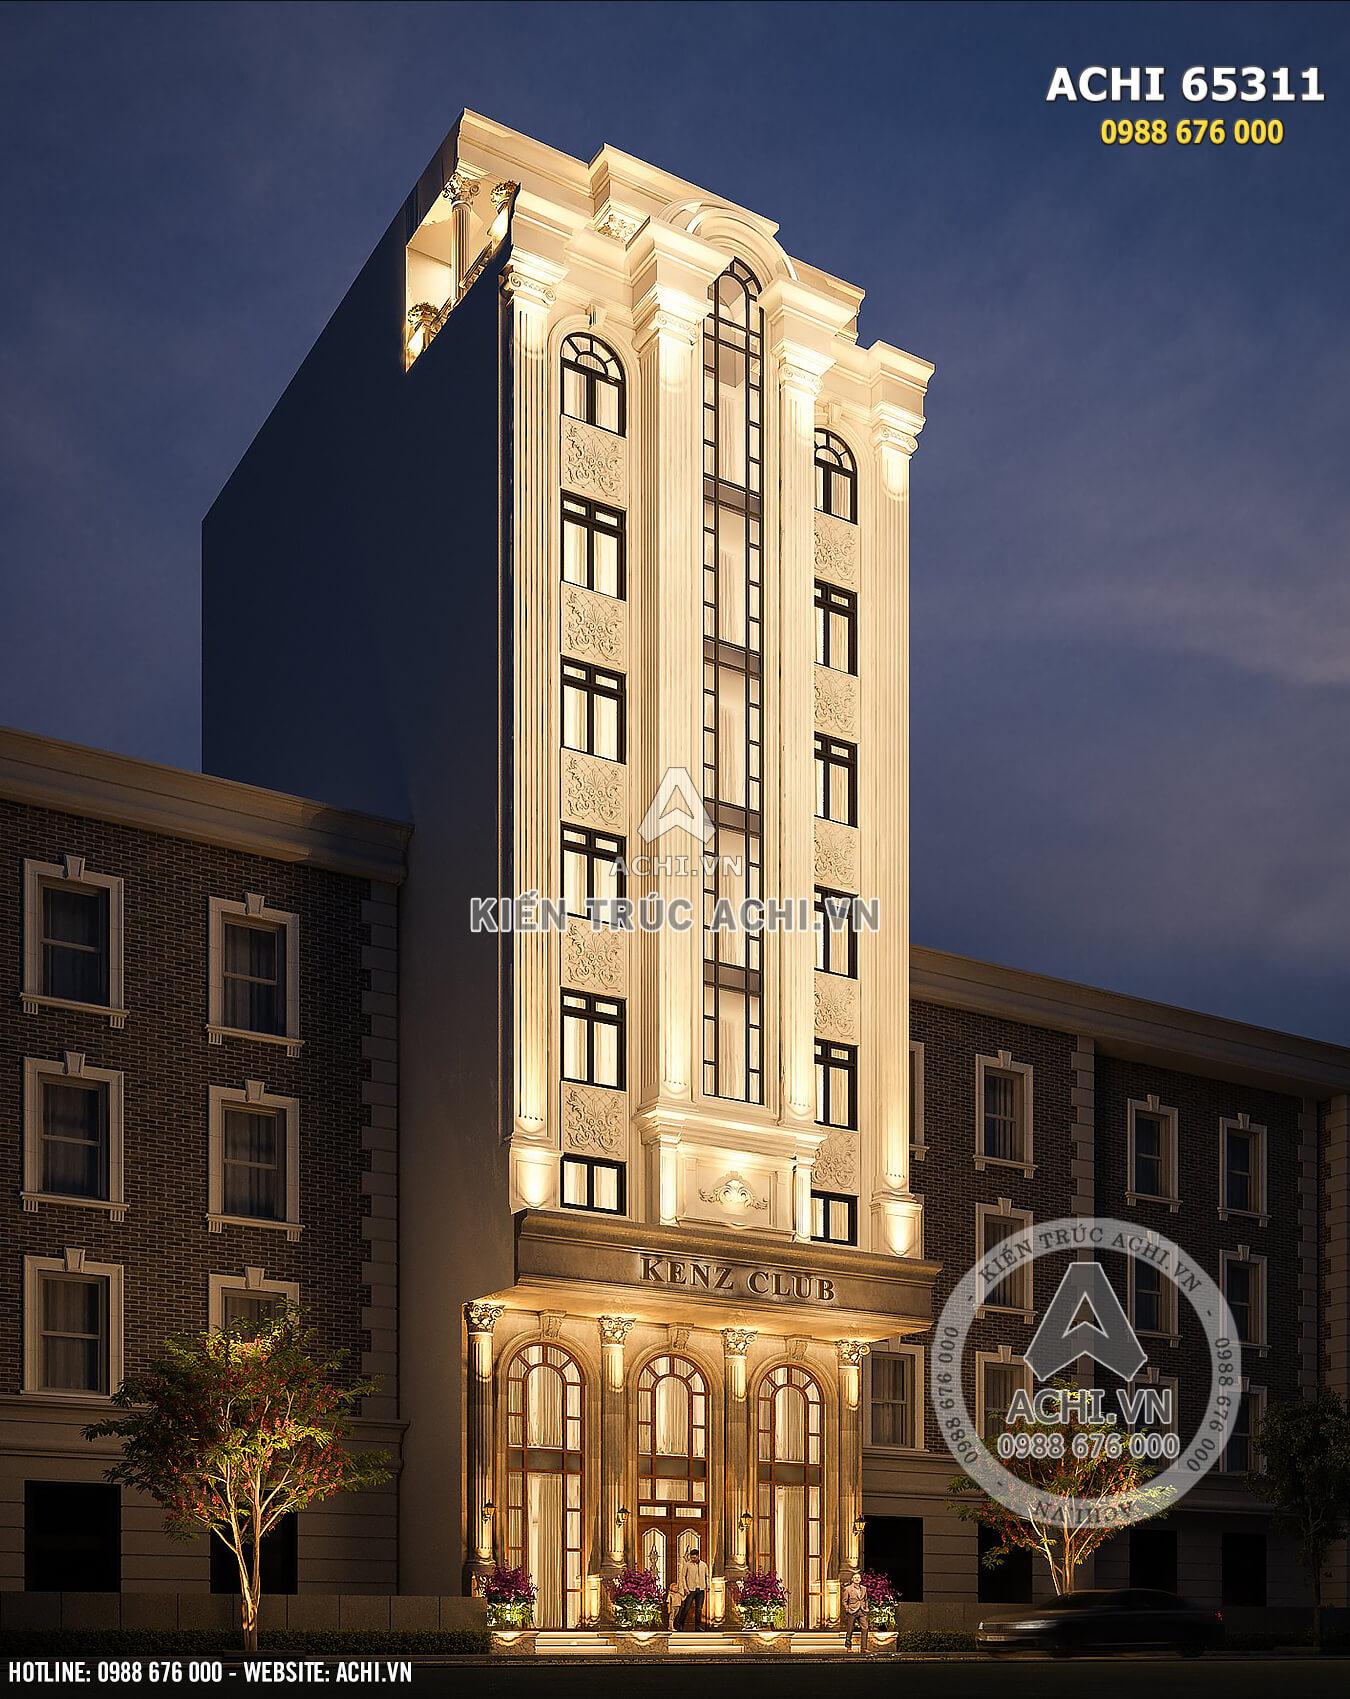 Thiết kế tòa nhà kinh doanh tân cổ điển - ACHI 65311